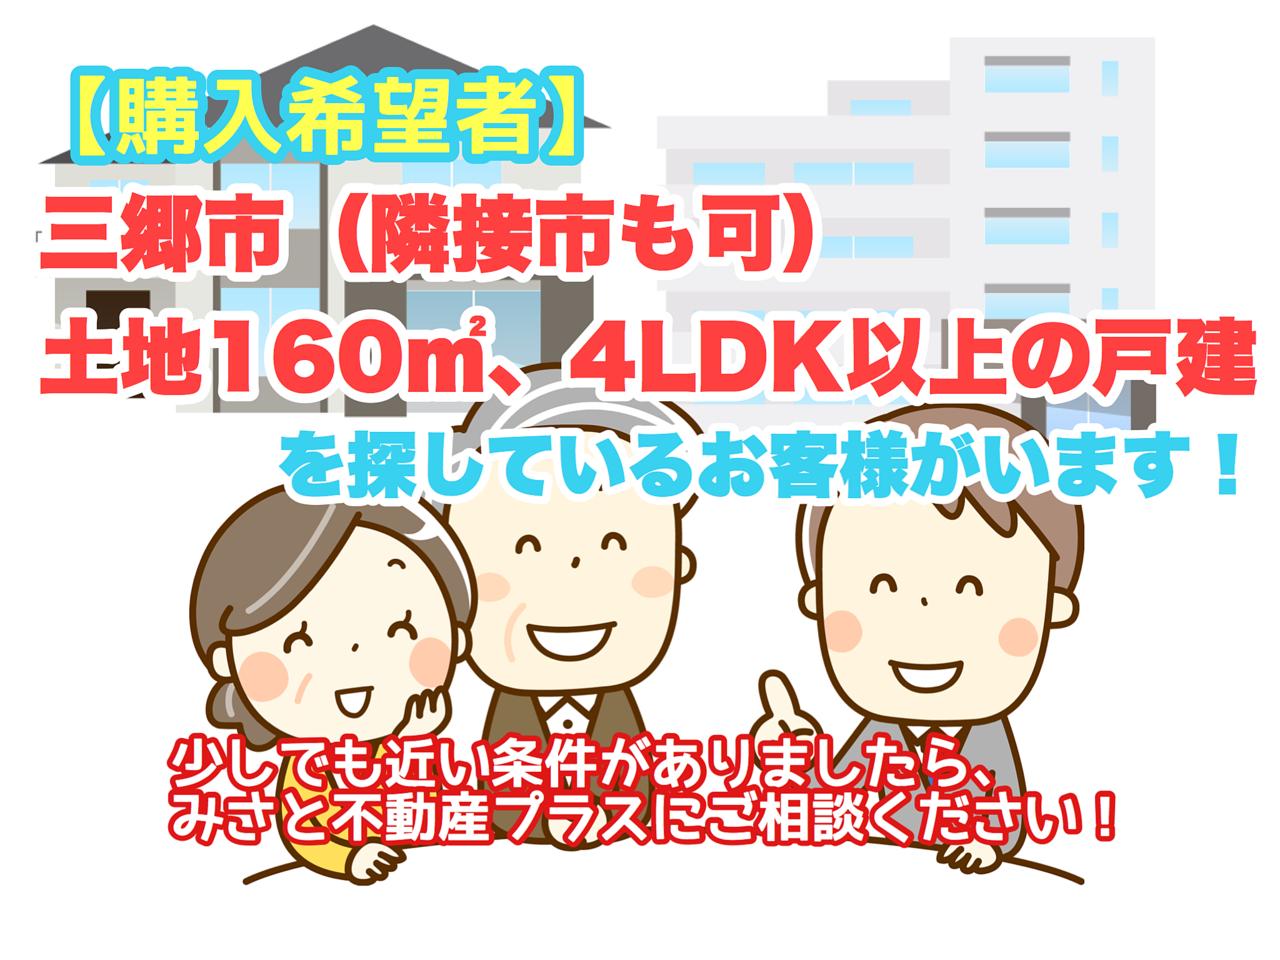 【購入希望者リスト】三郷市(隣接市も可)で土地160㎡・4LDK以上の中古戸建を探しているお客様がいます!